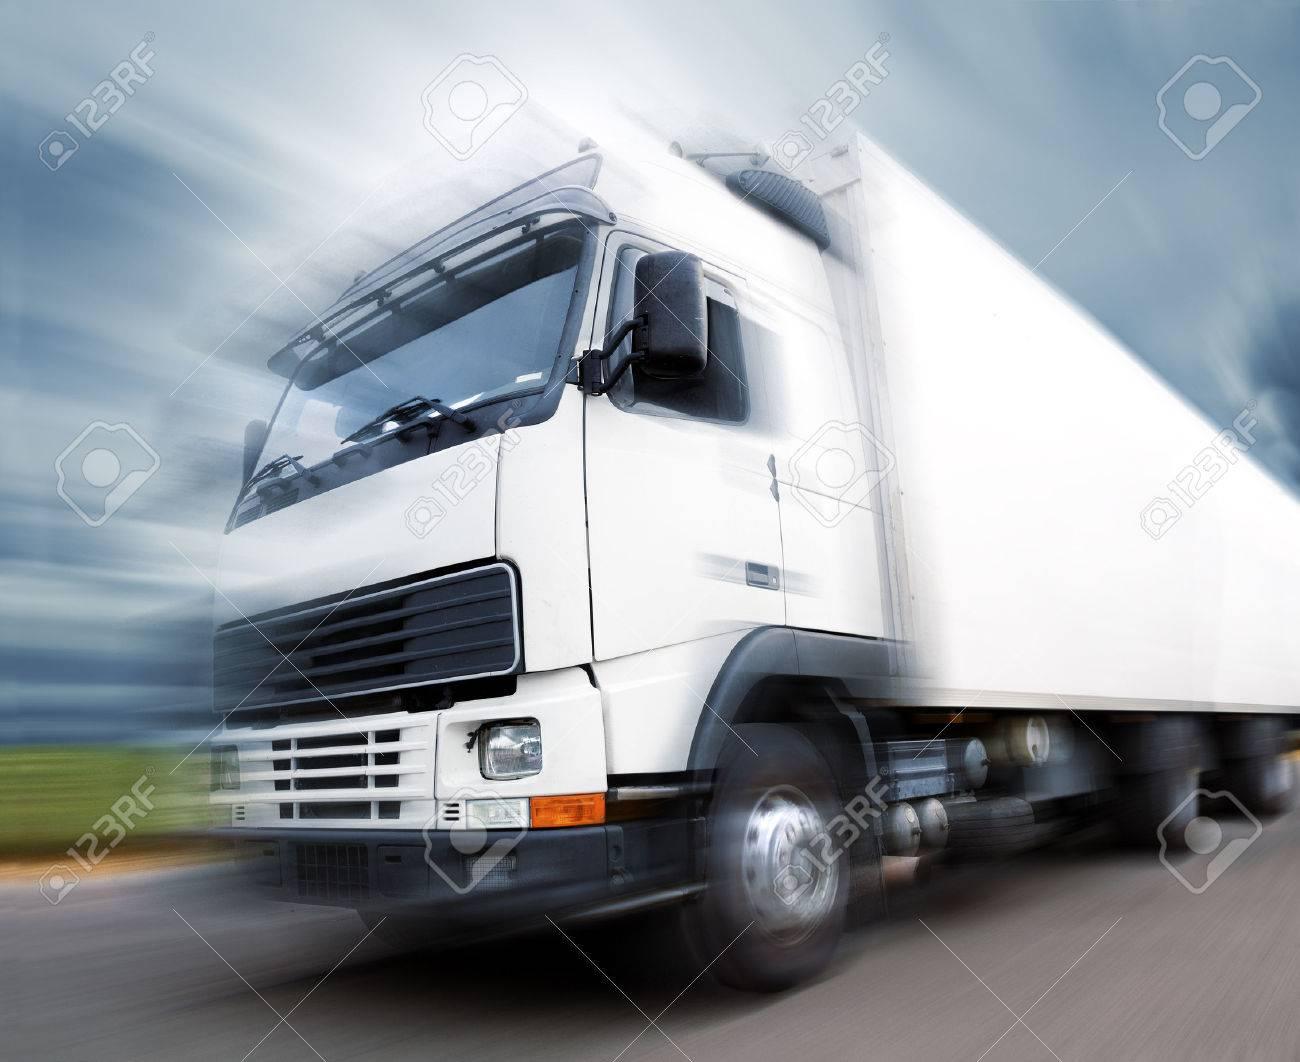 truck speed. Trucks delivering merchandise - 26870466